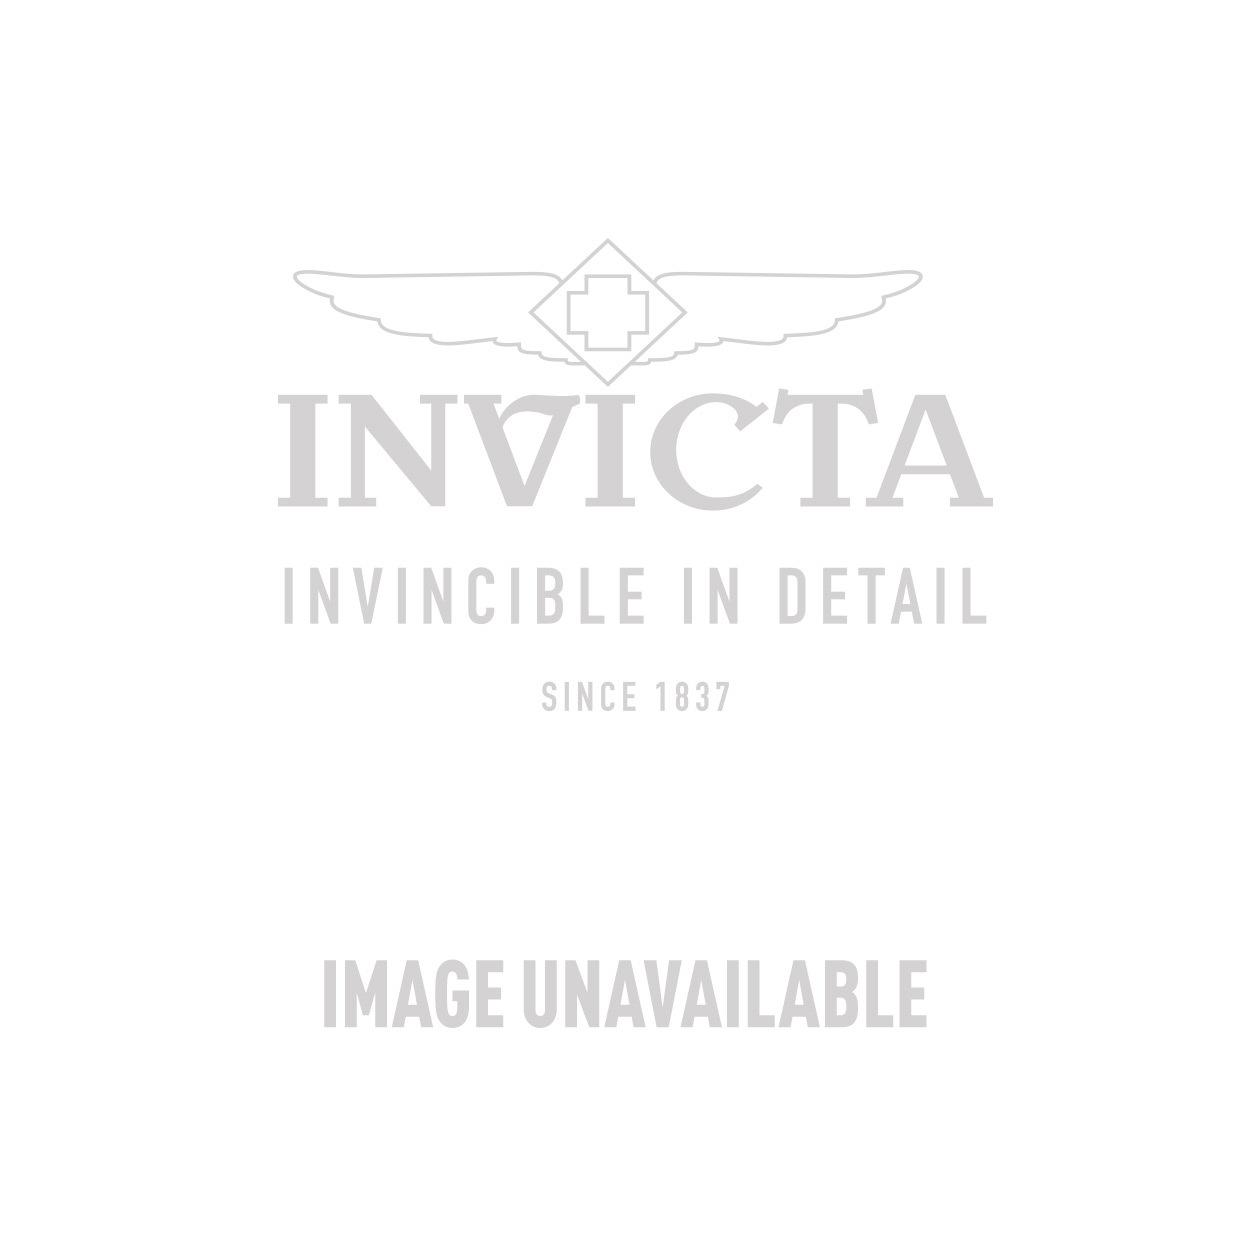 Invicta Model 25272